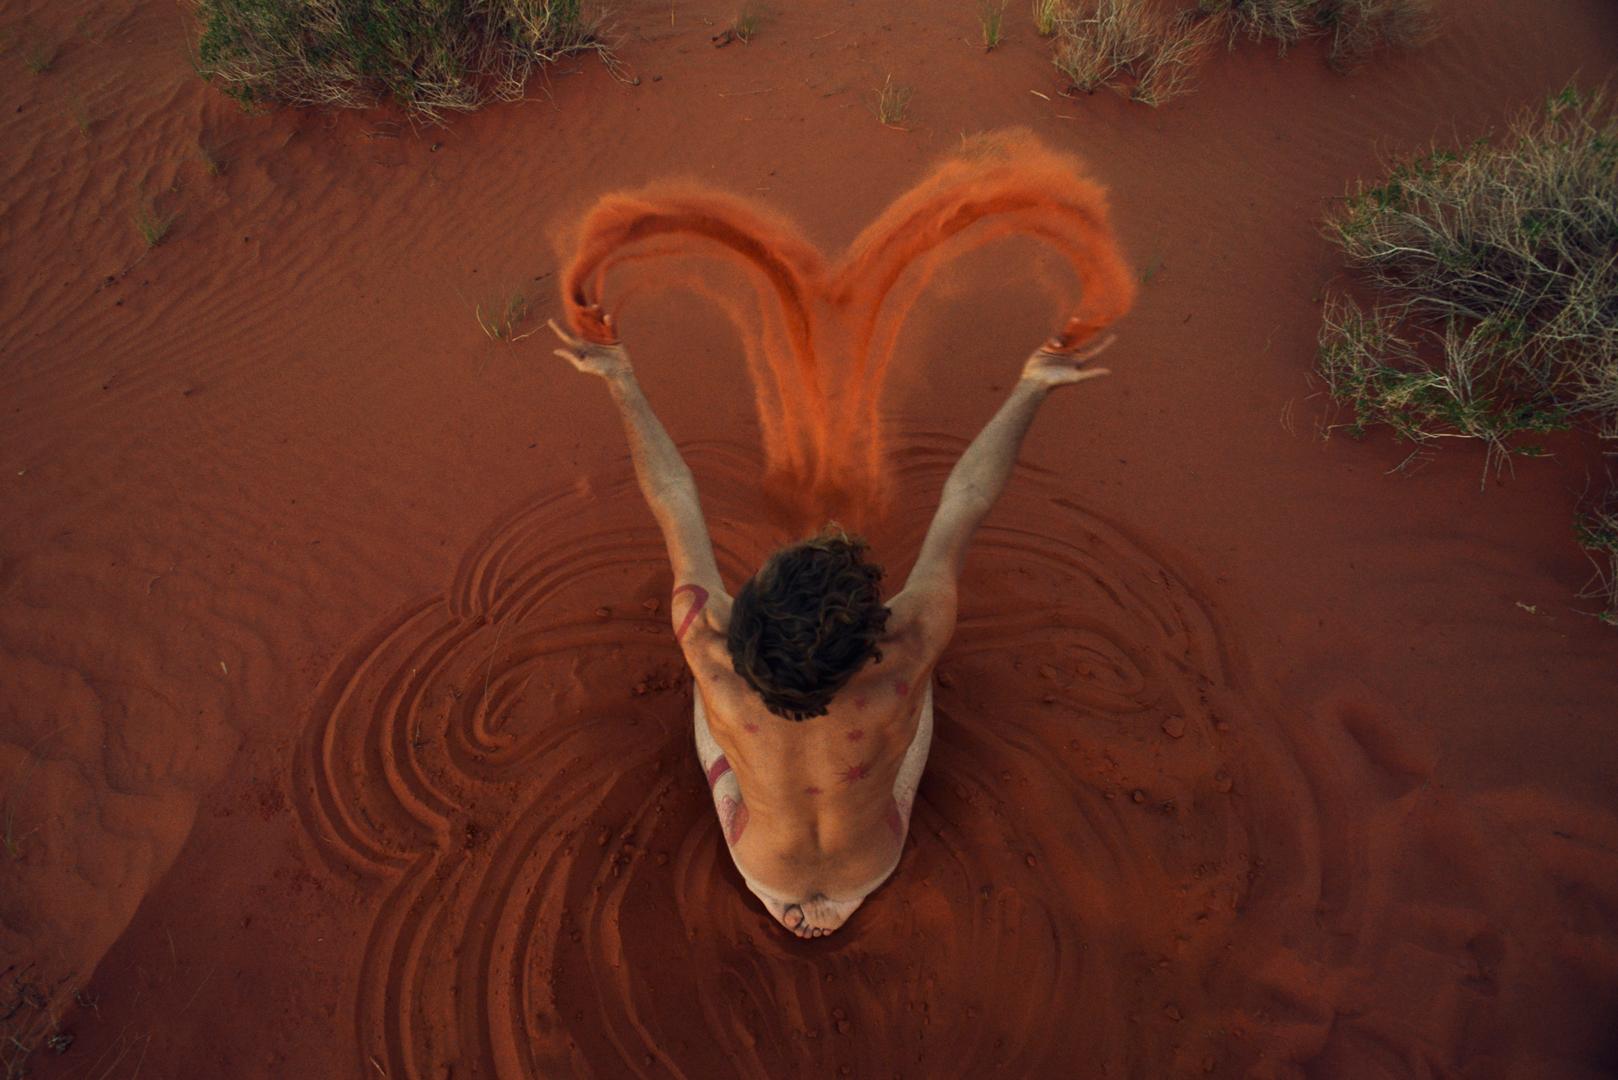 monutment-valley-sand-heart.jpg